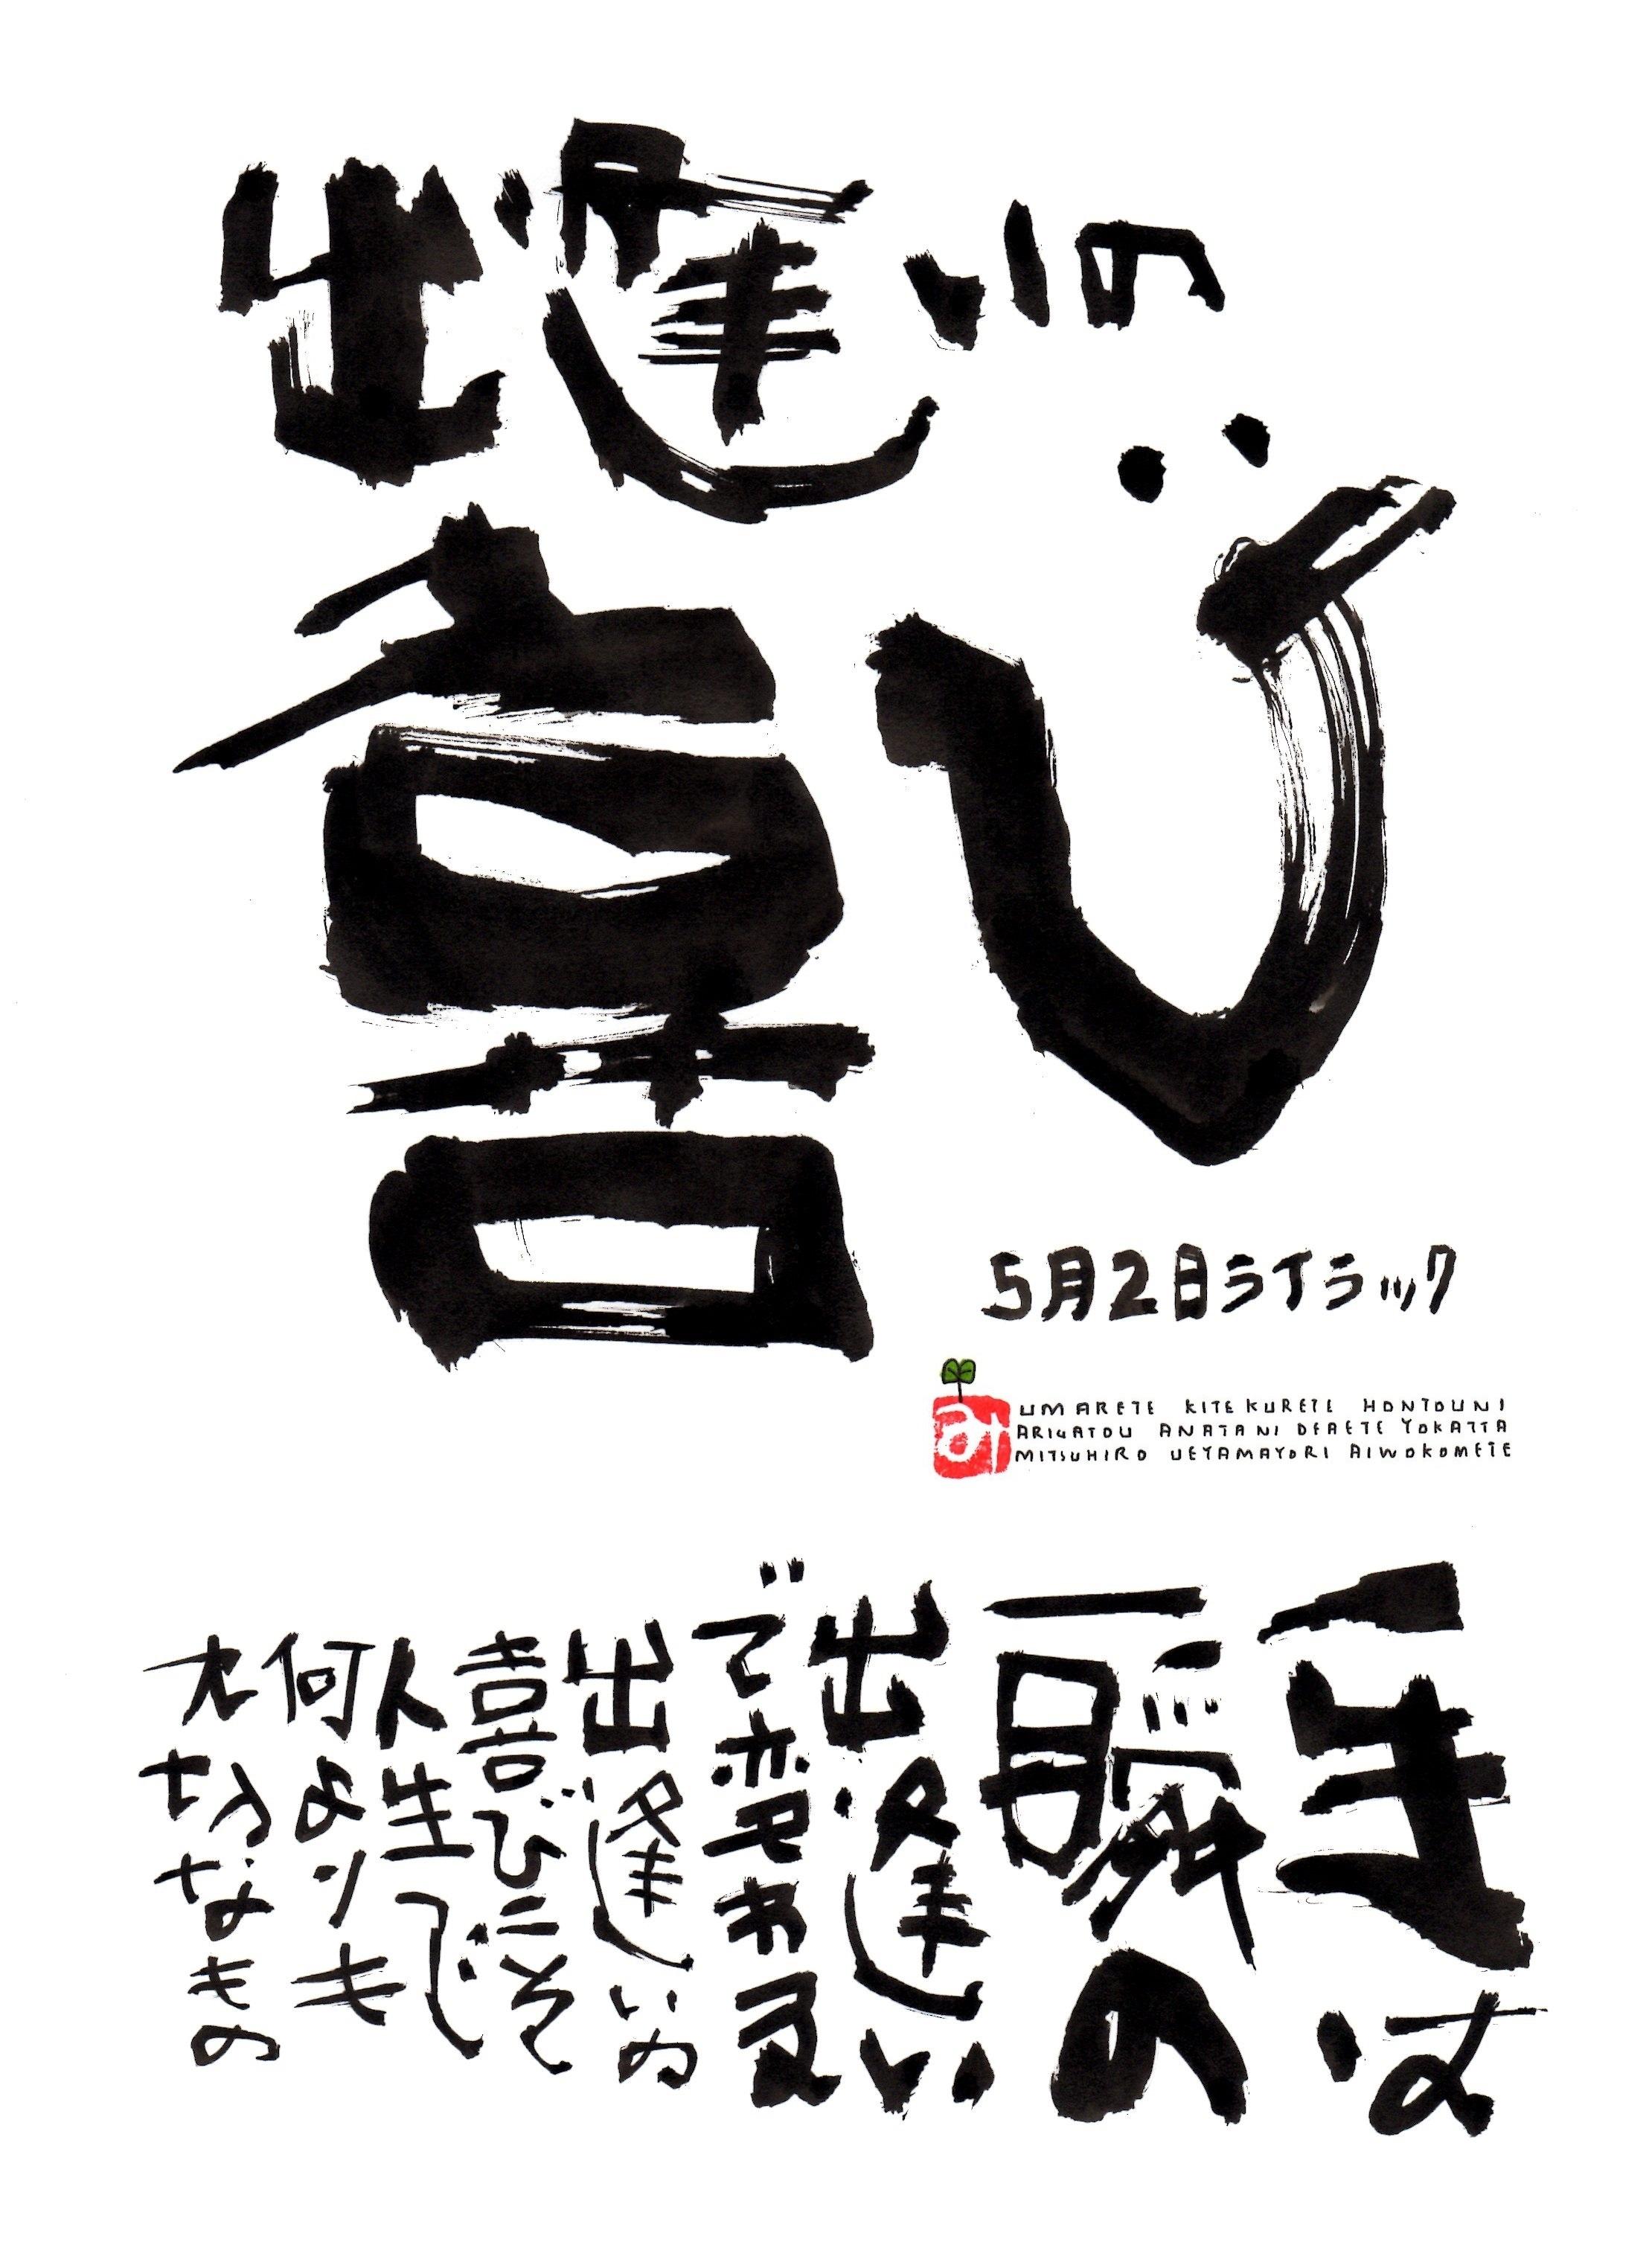 5月2日 誕生日ポストカード【出逢いの喜び】Joy of encounter